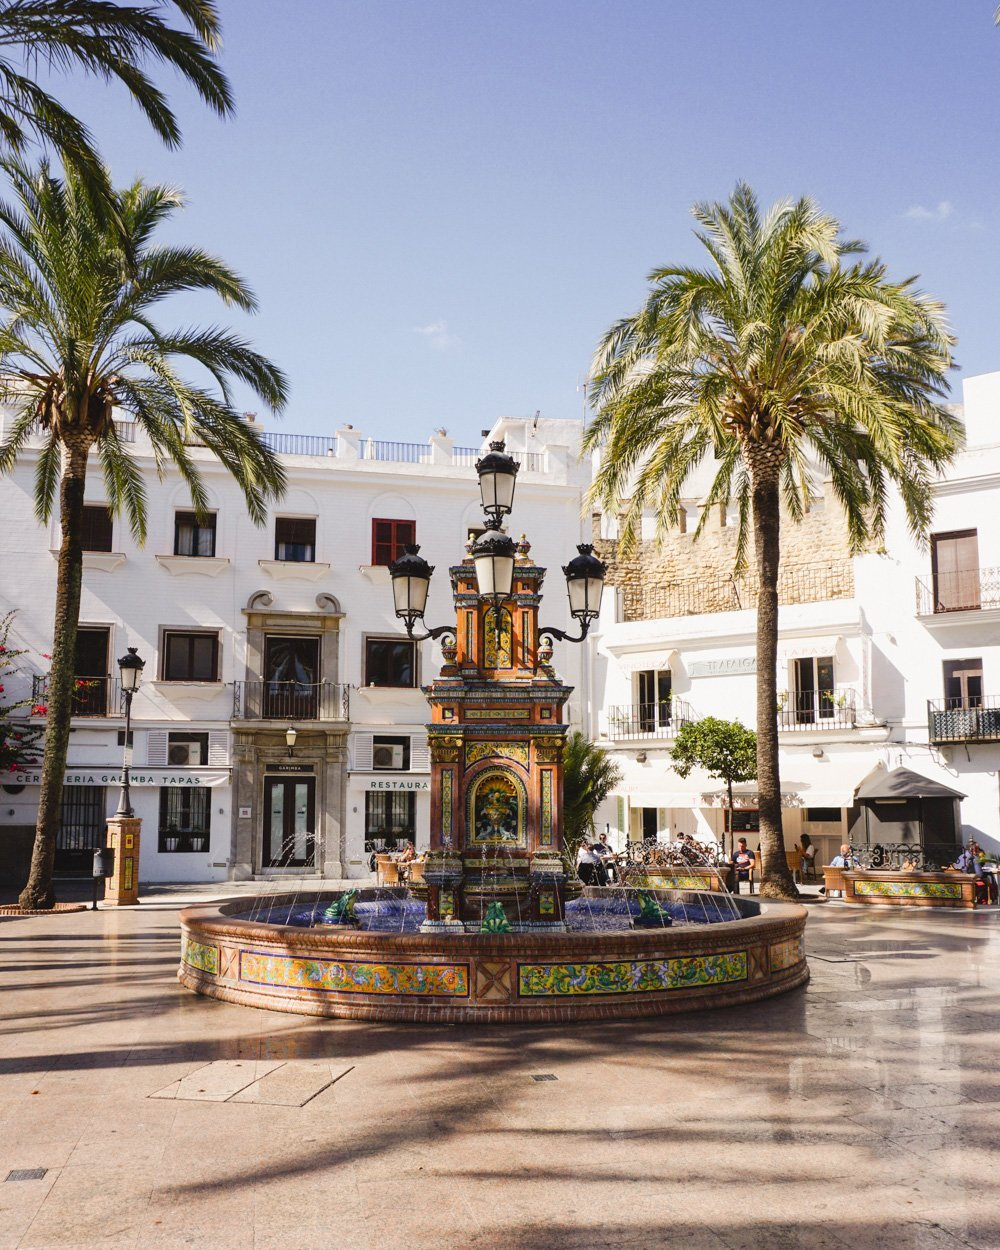 Plaza de España in Vejer de la Frontera